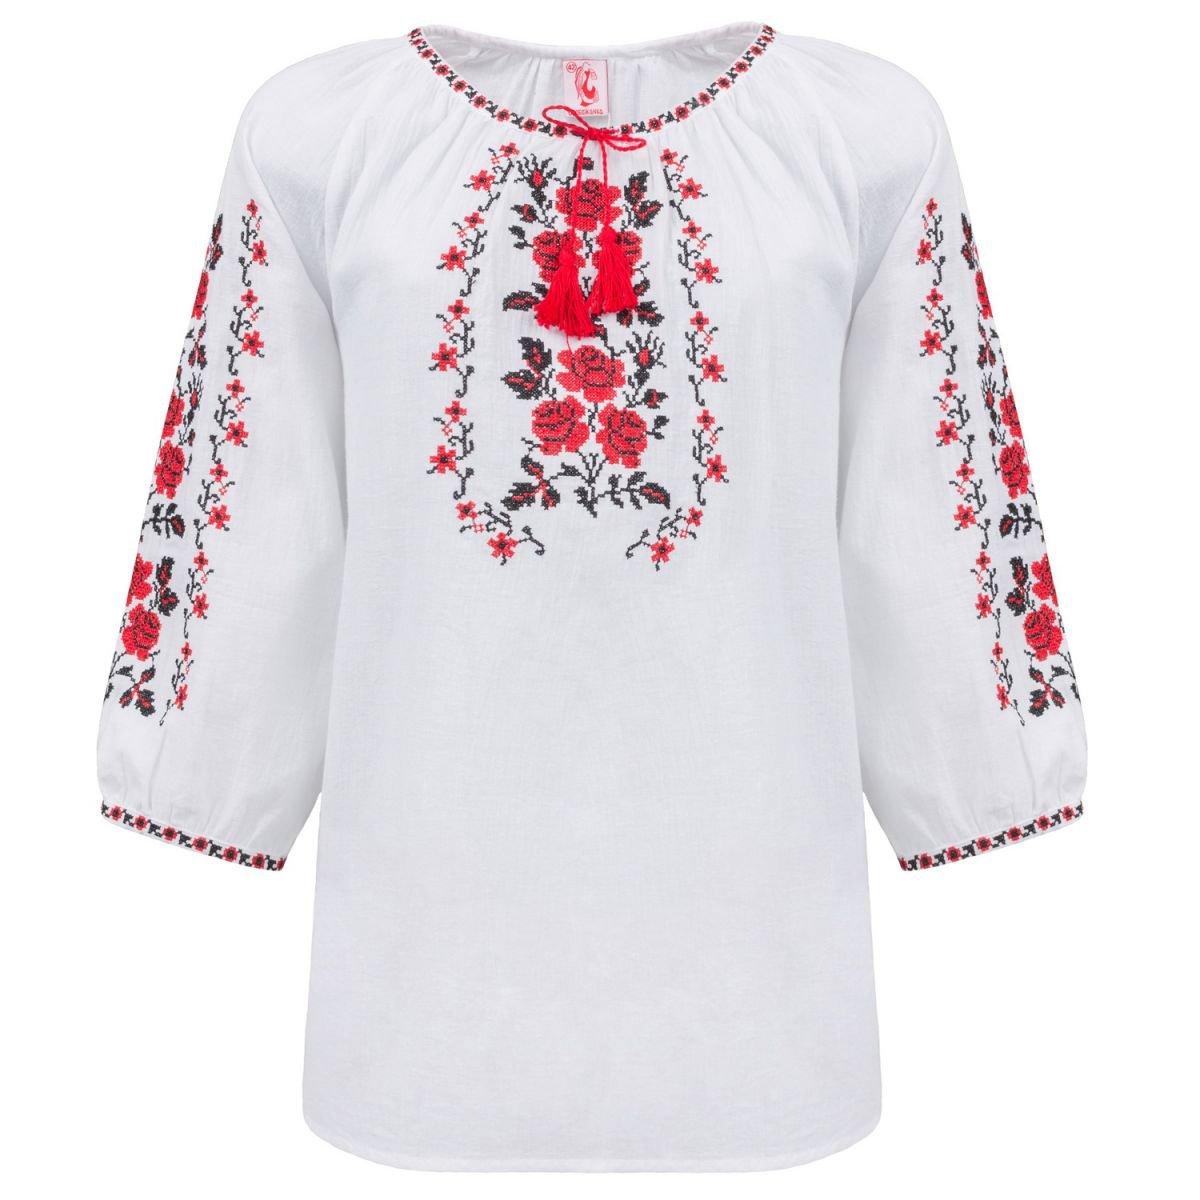 Женская блуза вышиванка Слобожанка - Букет роз (красный) 48 1d4f918e15693